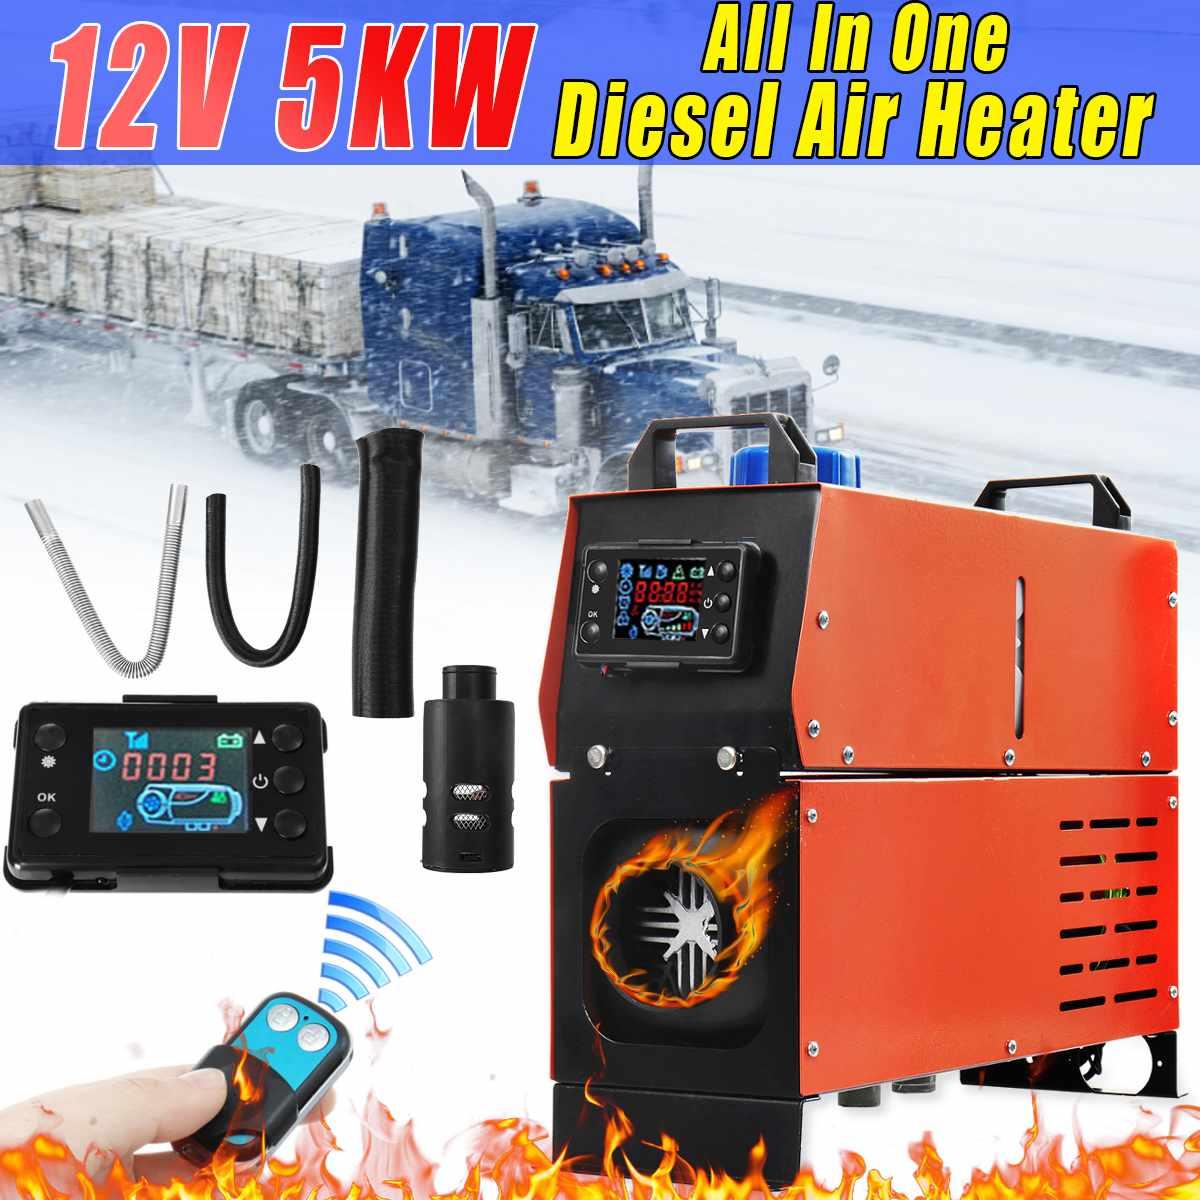 Réchauffeur d'air Diesel 12 V 5000 W 1/4 trous simple réservoir télécommande Thermostat caravane camping-Car RV LCD moniteur pour camions voiture bateau